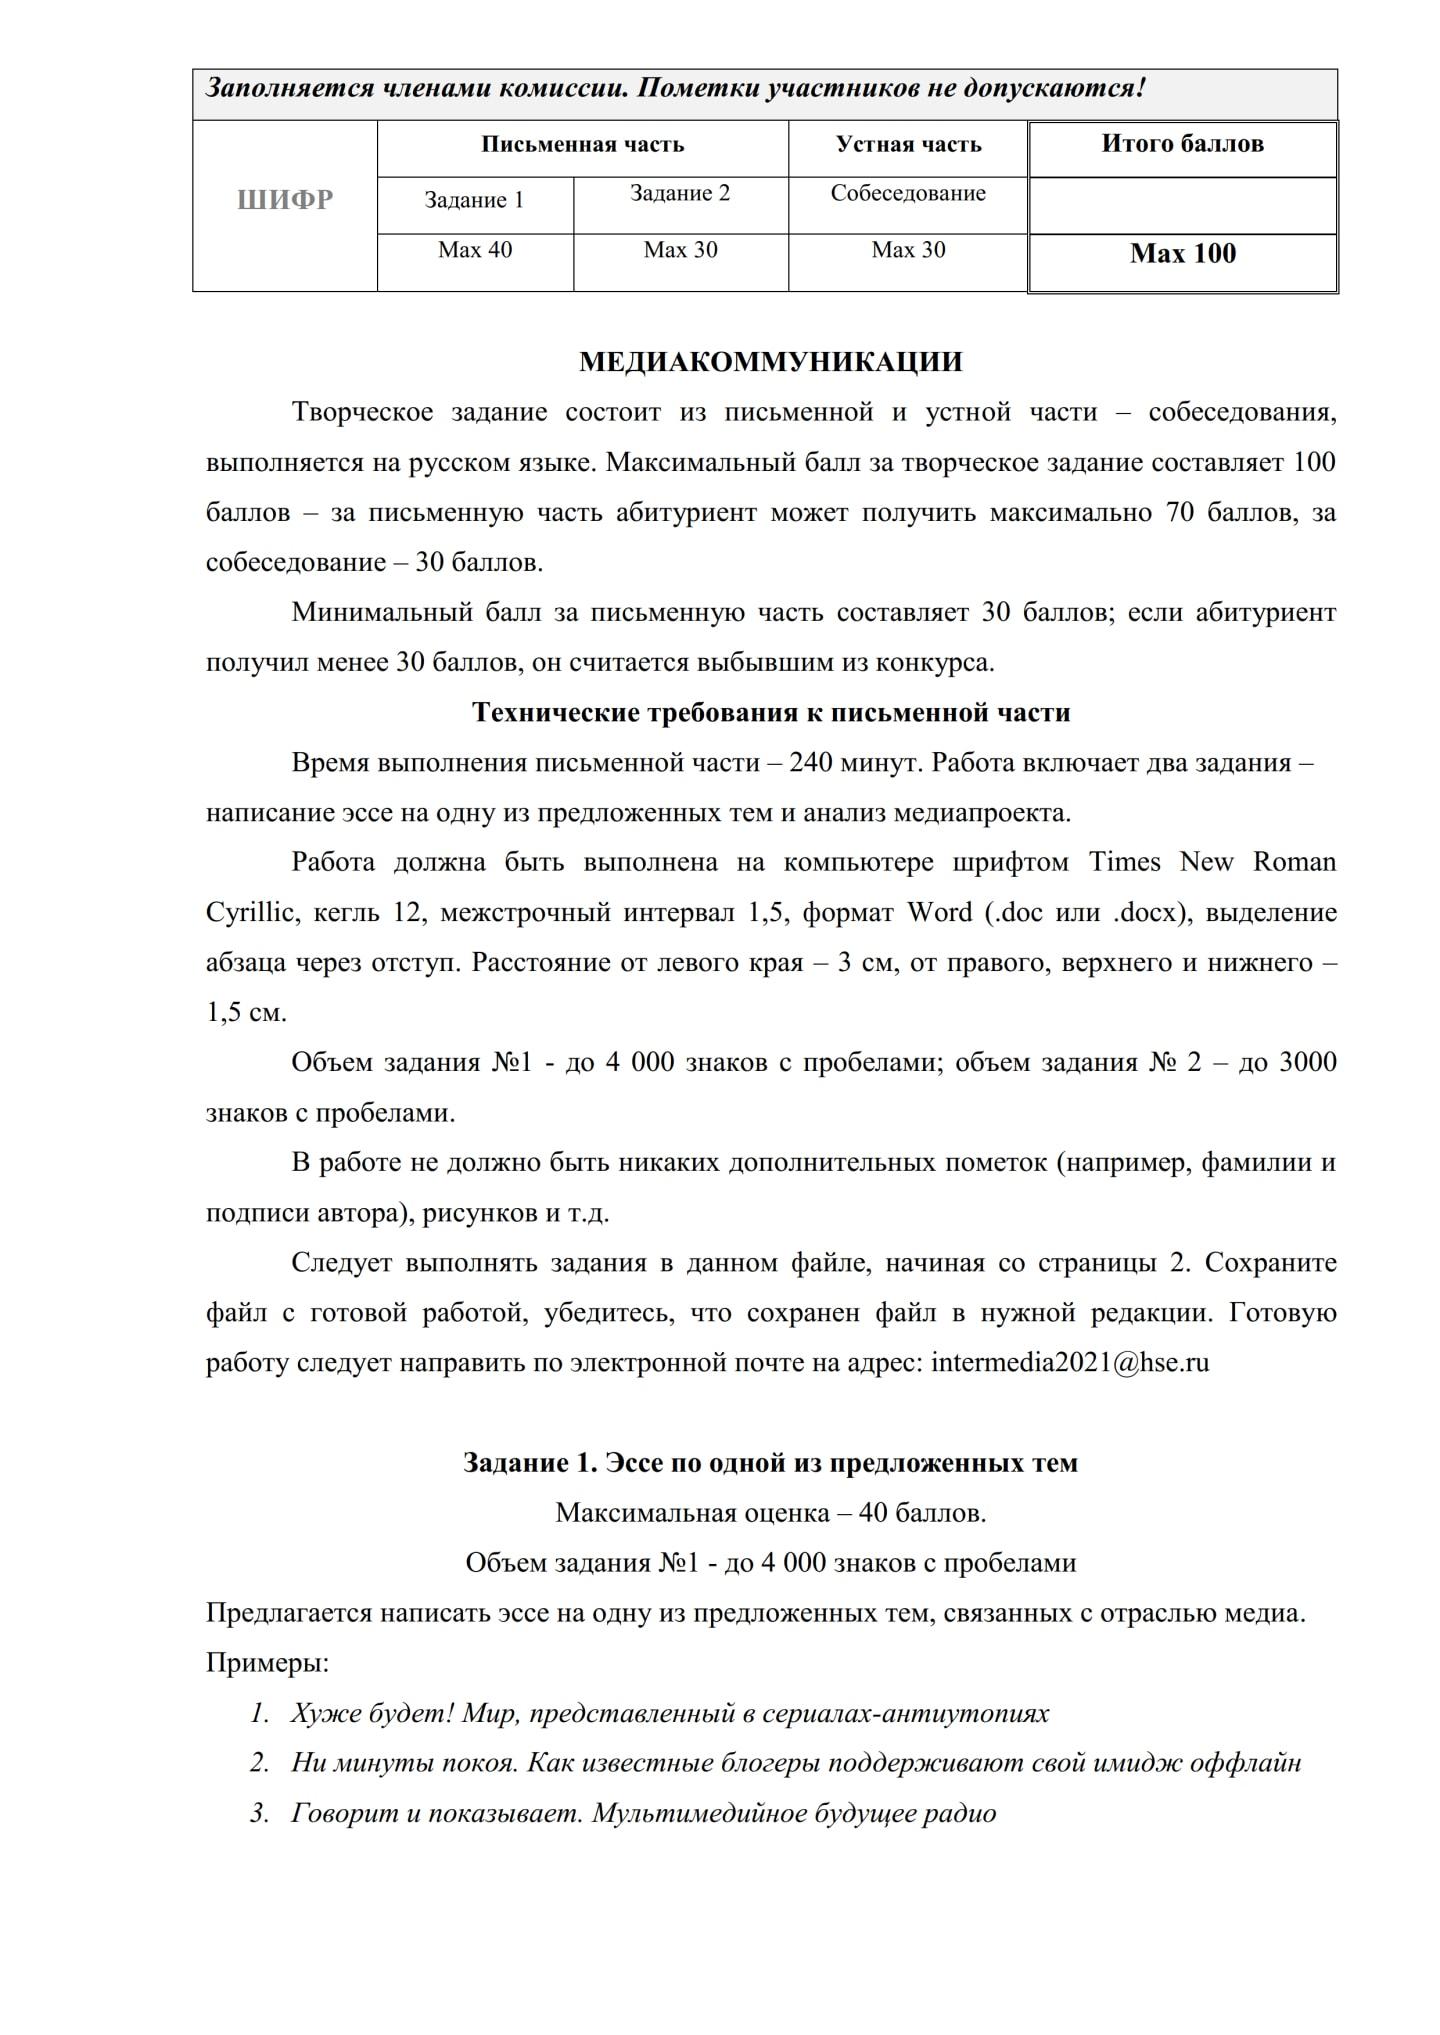 俄罗斯大学入学考试《传媒写作》 俄罗斯留学